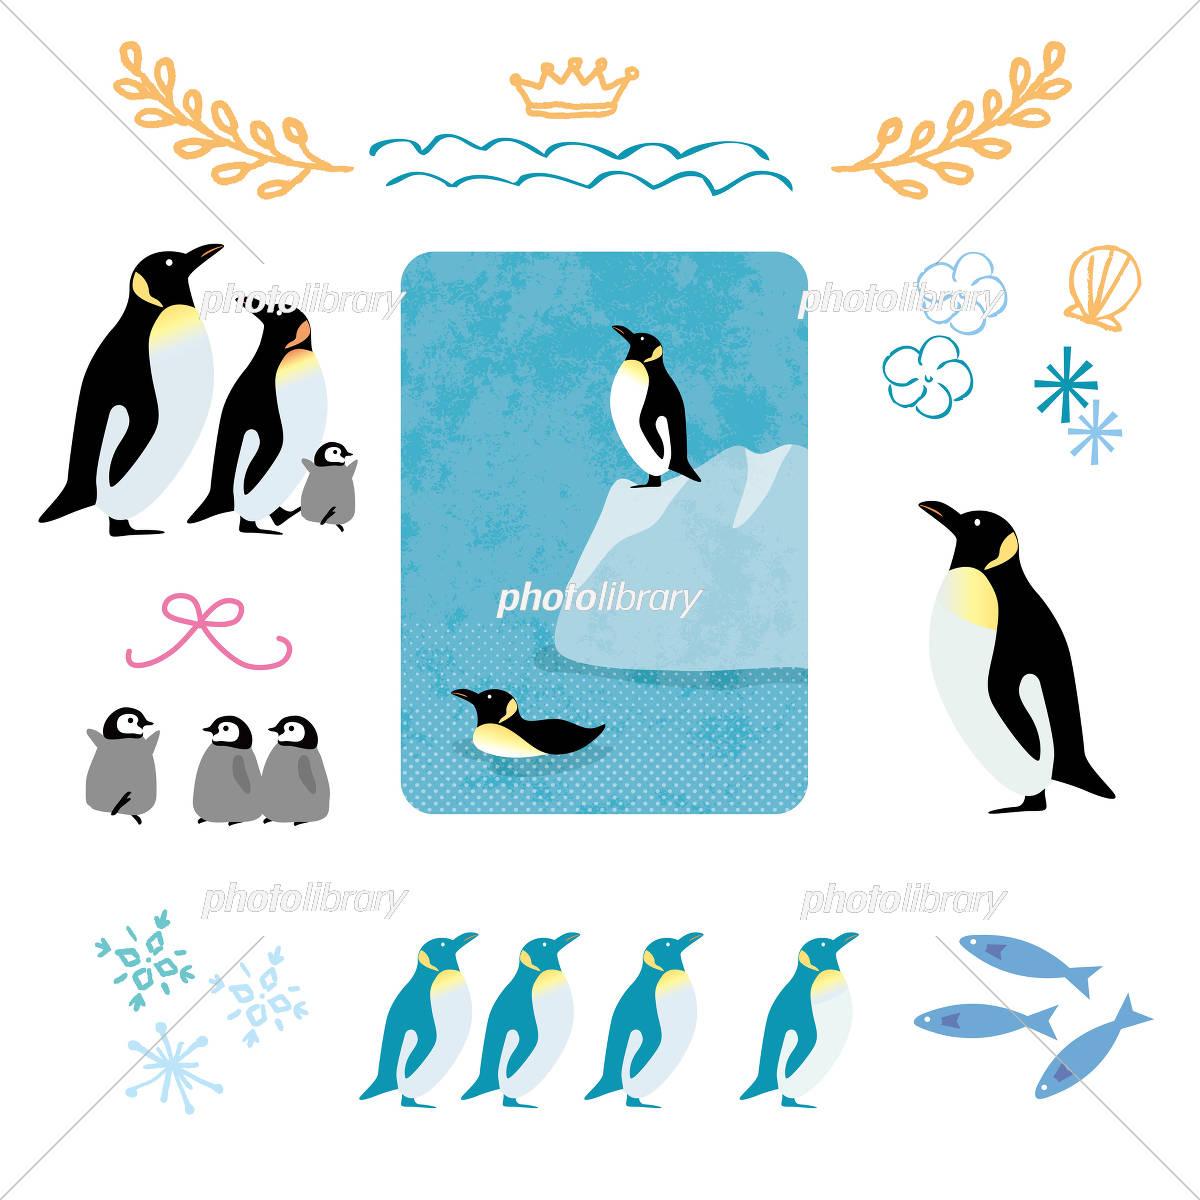 ペンギン イラスト セット イラスト素材 5604603 フォトライブ